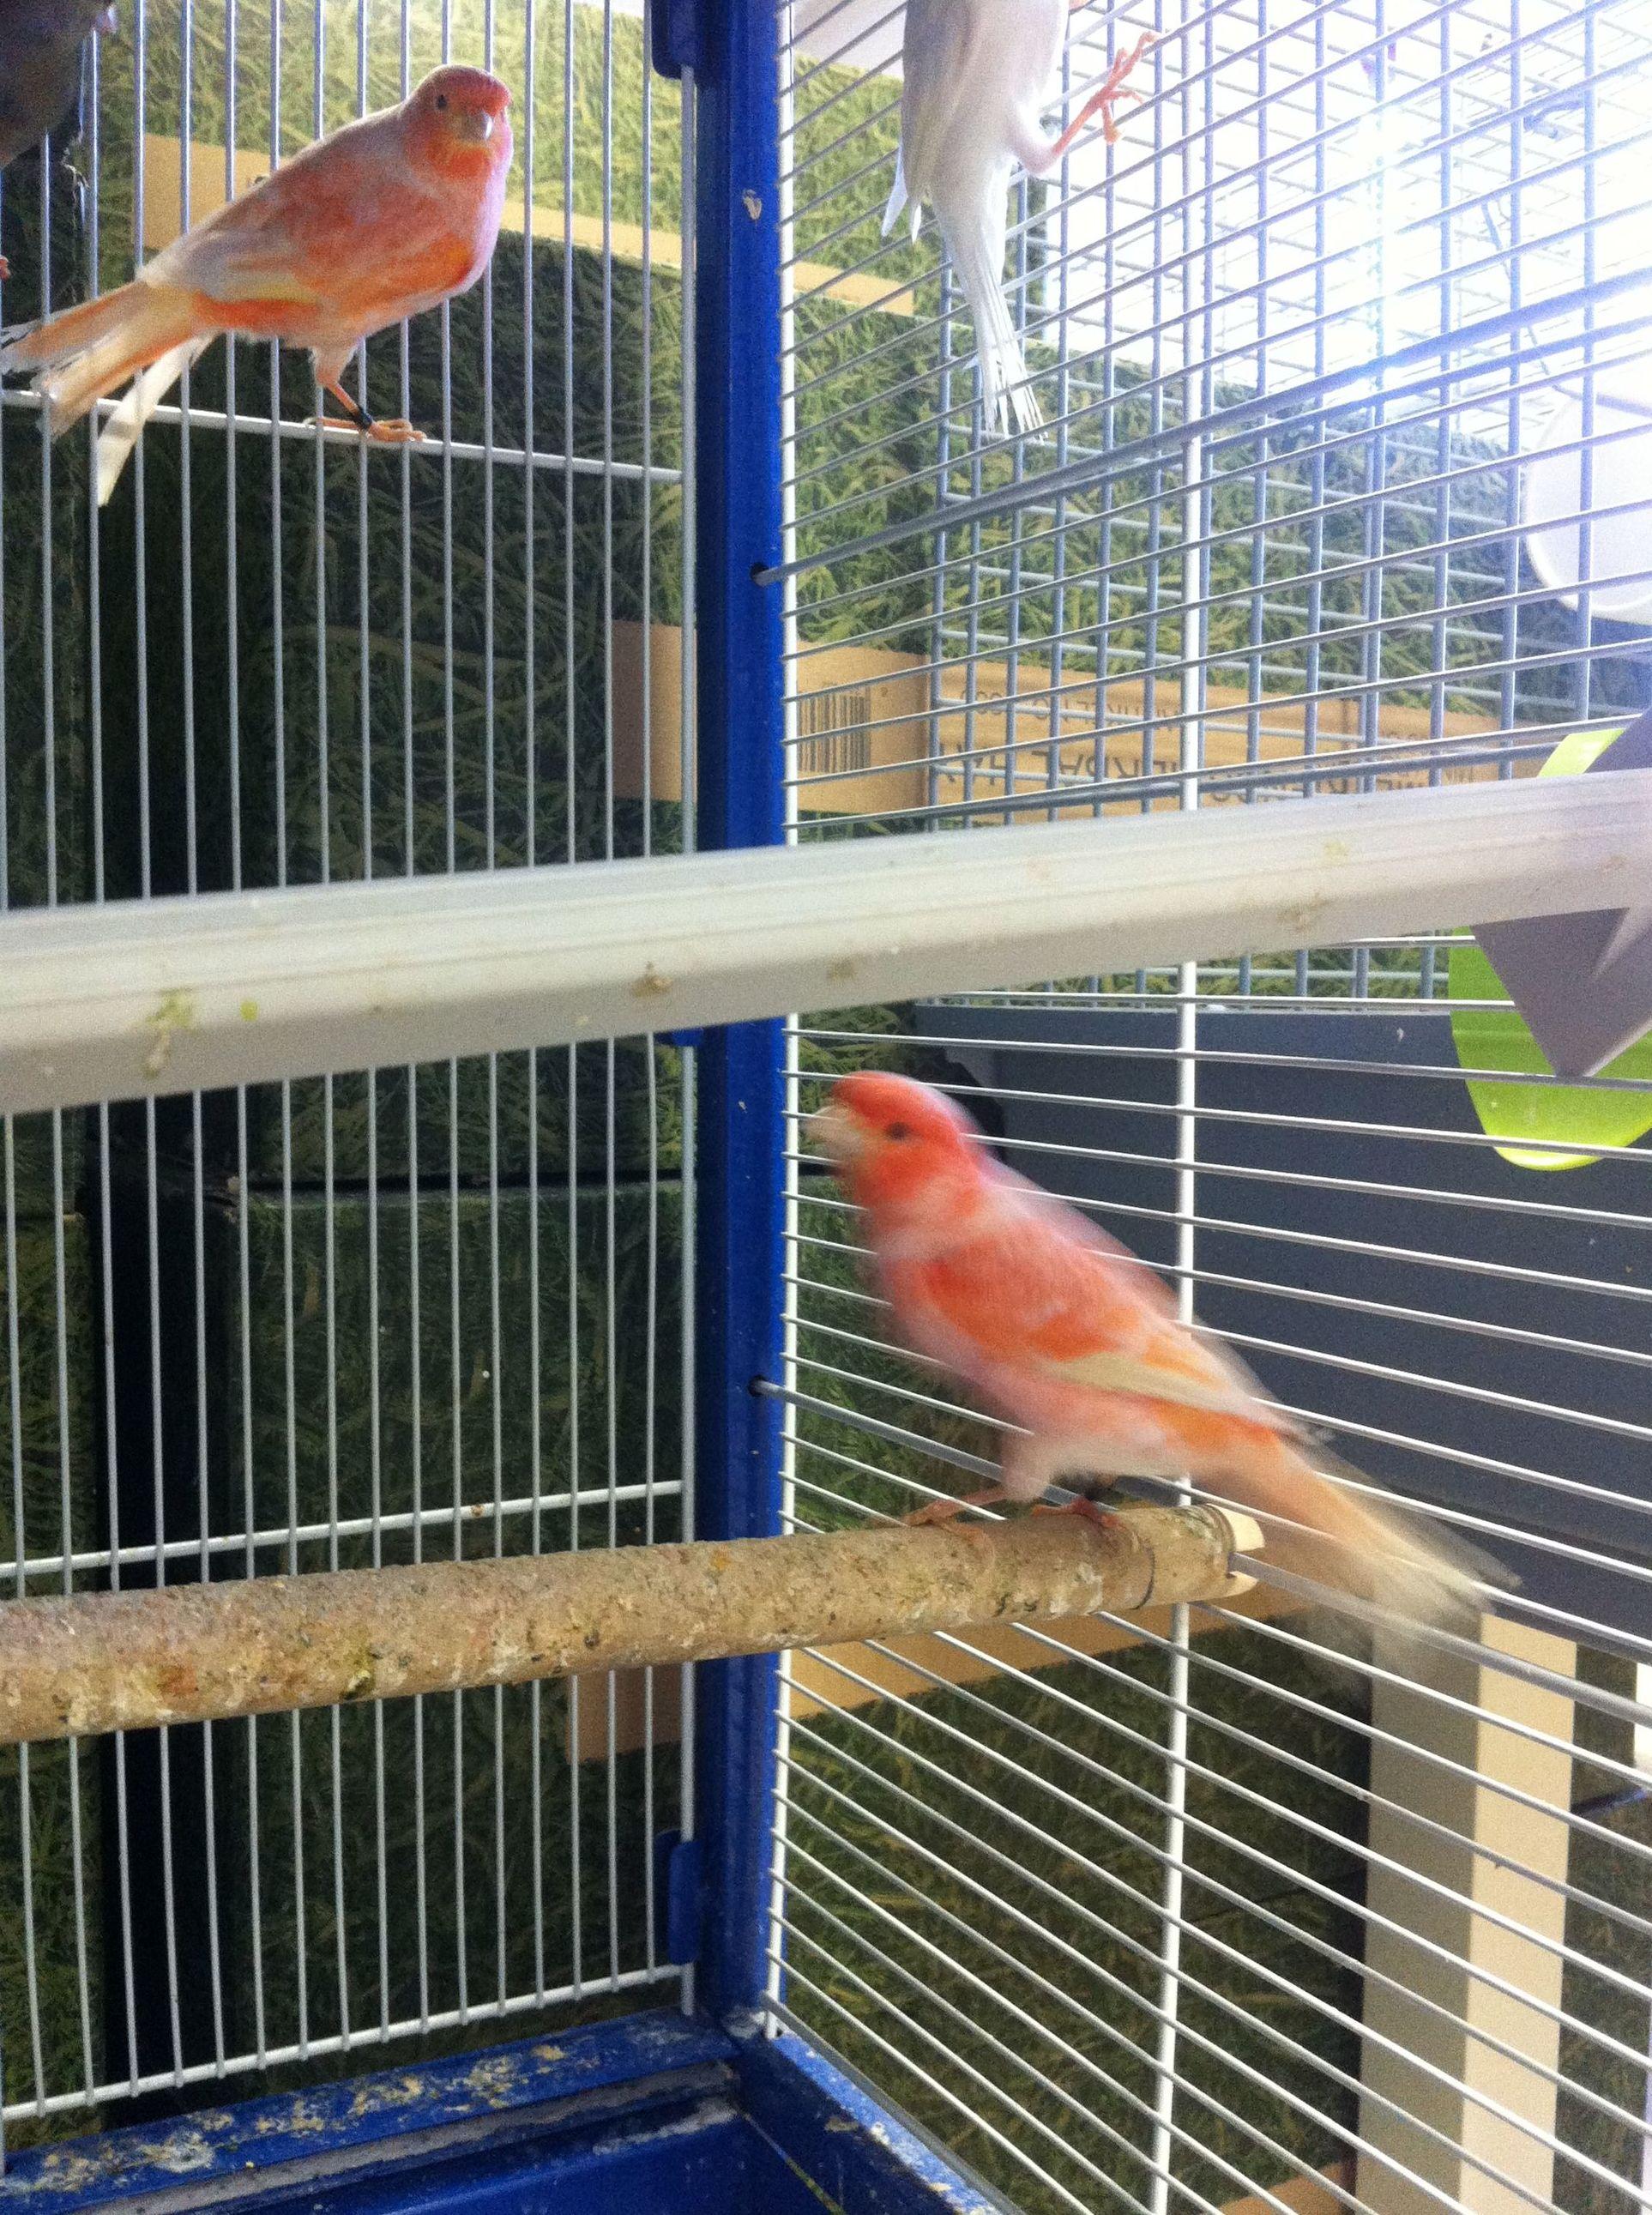 Foto 8 de Tiendas de animales en Madrid | Zoolife Mascotas Pets Place Hortaleza